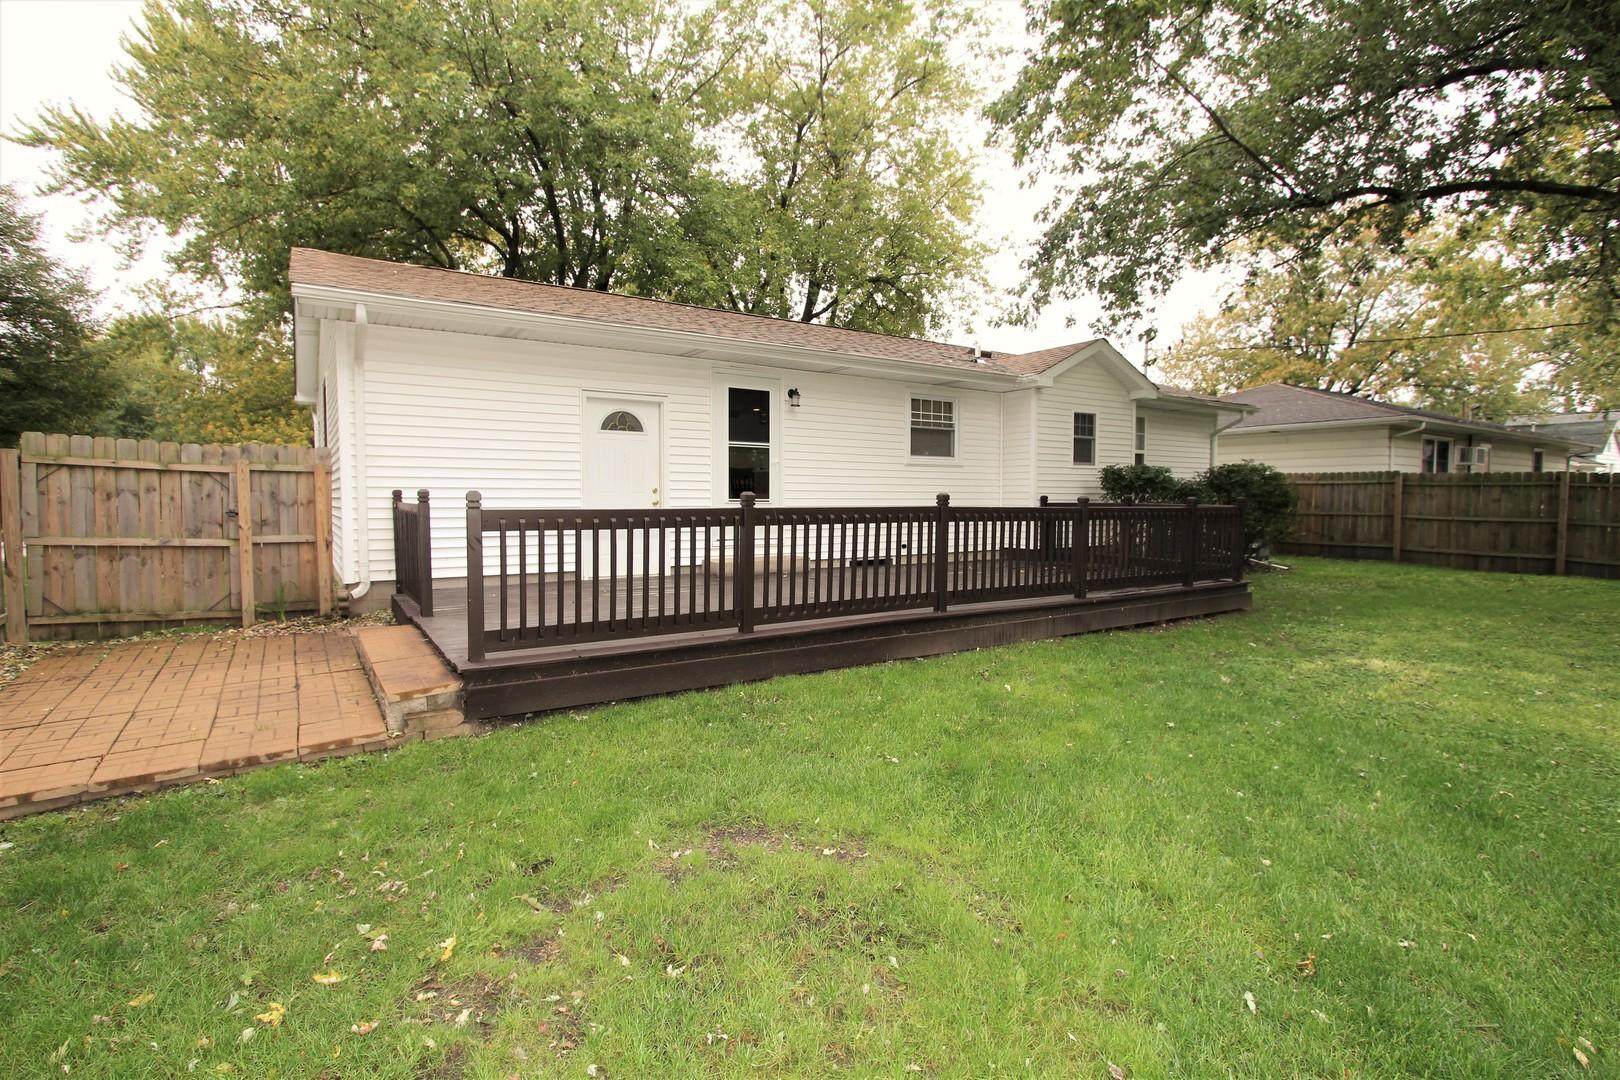 213 East Wilson, Peotone, Illinois, 60468